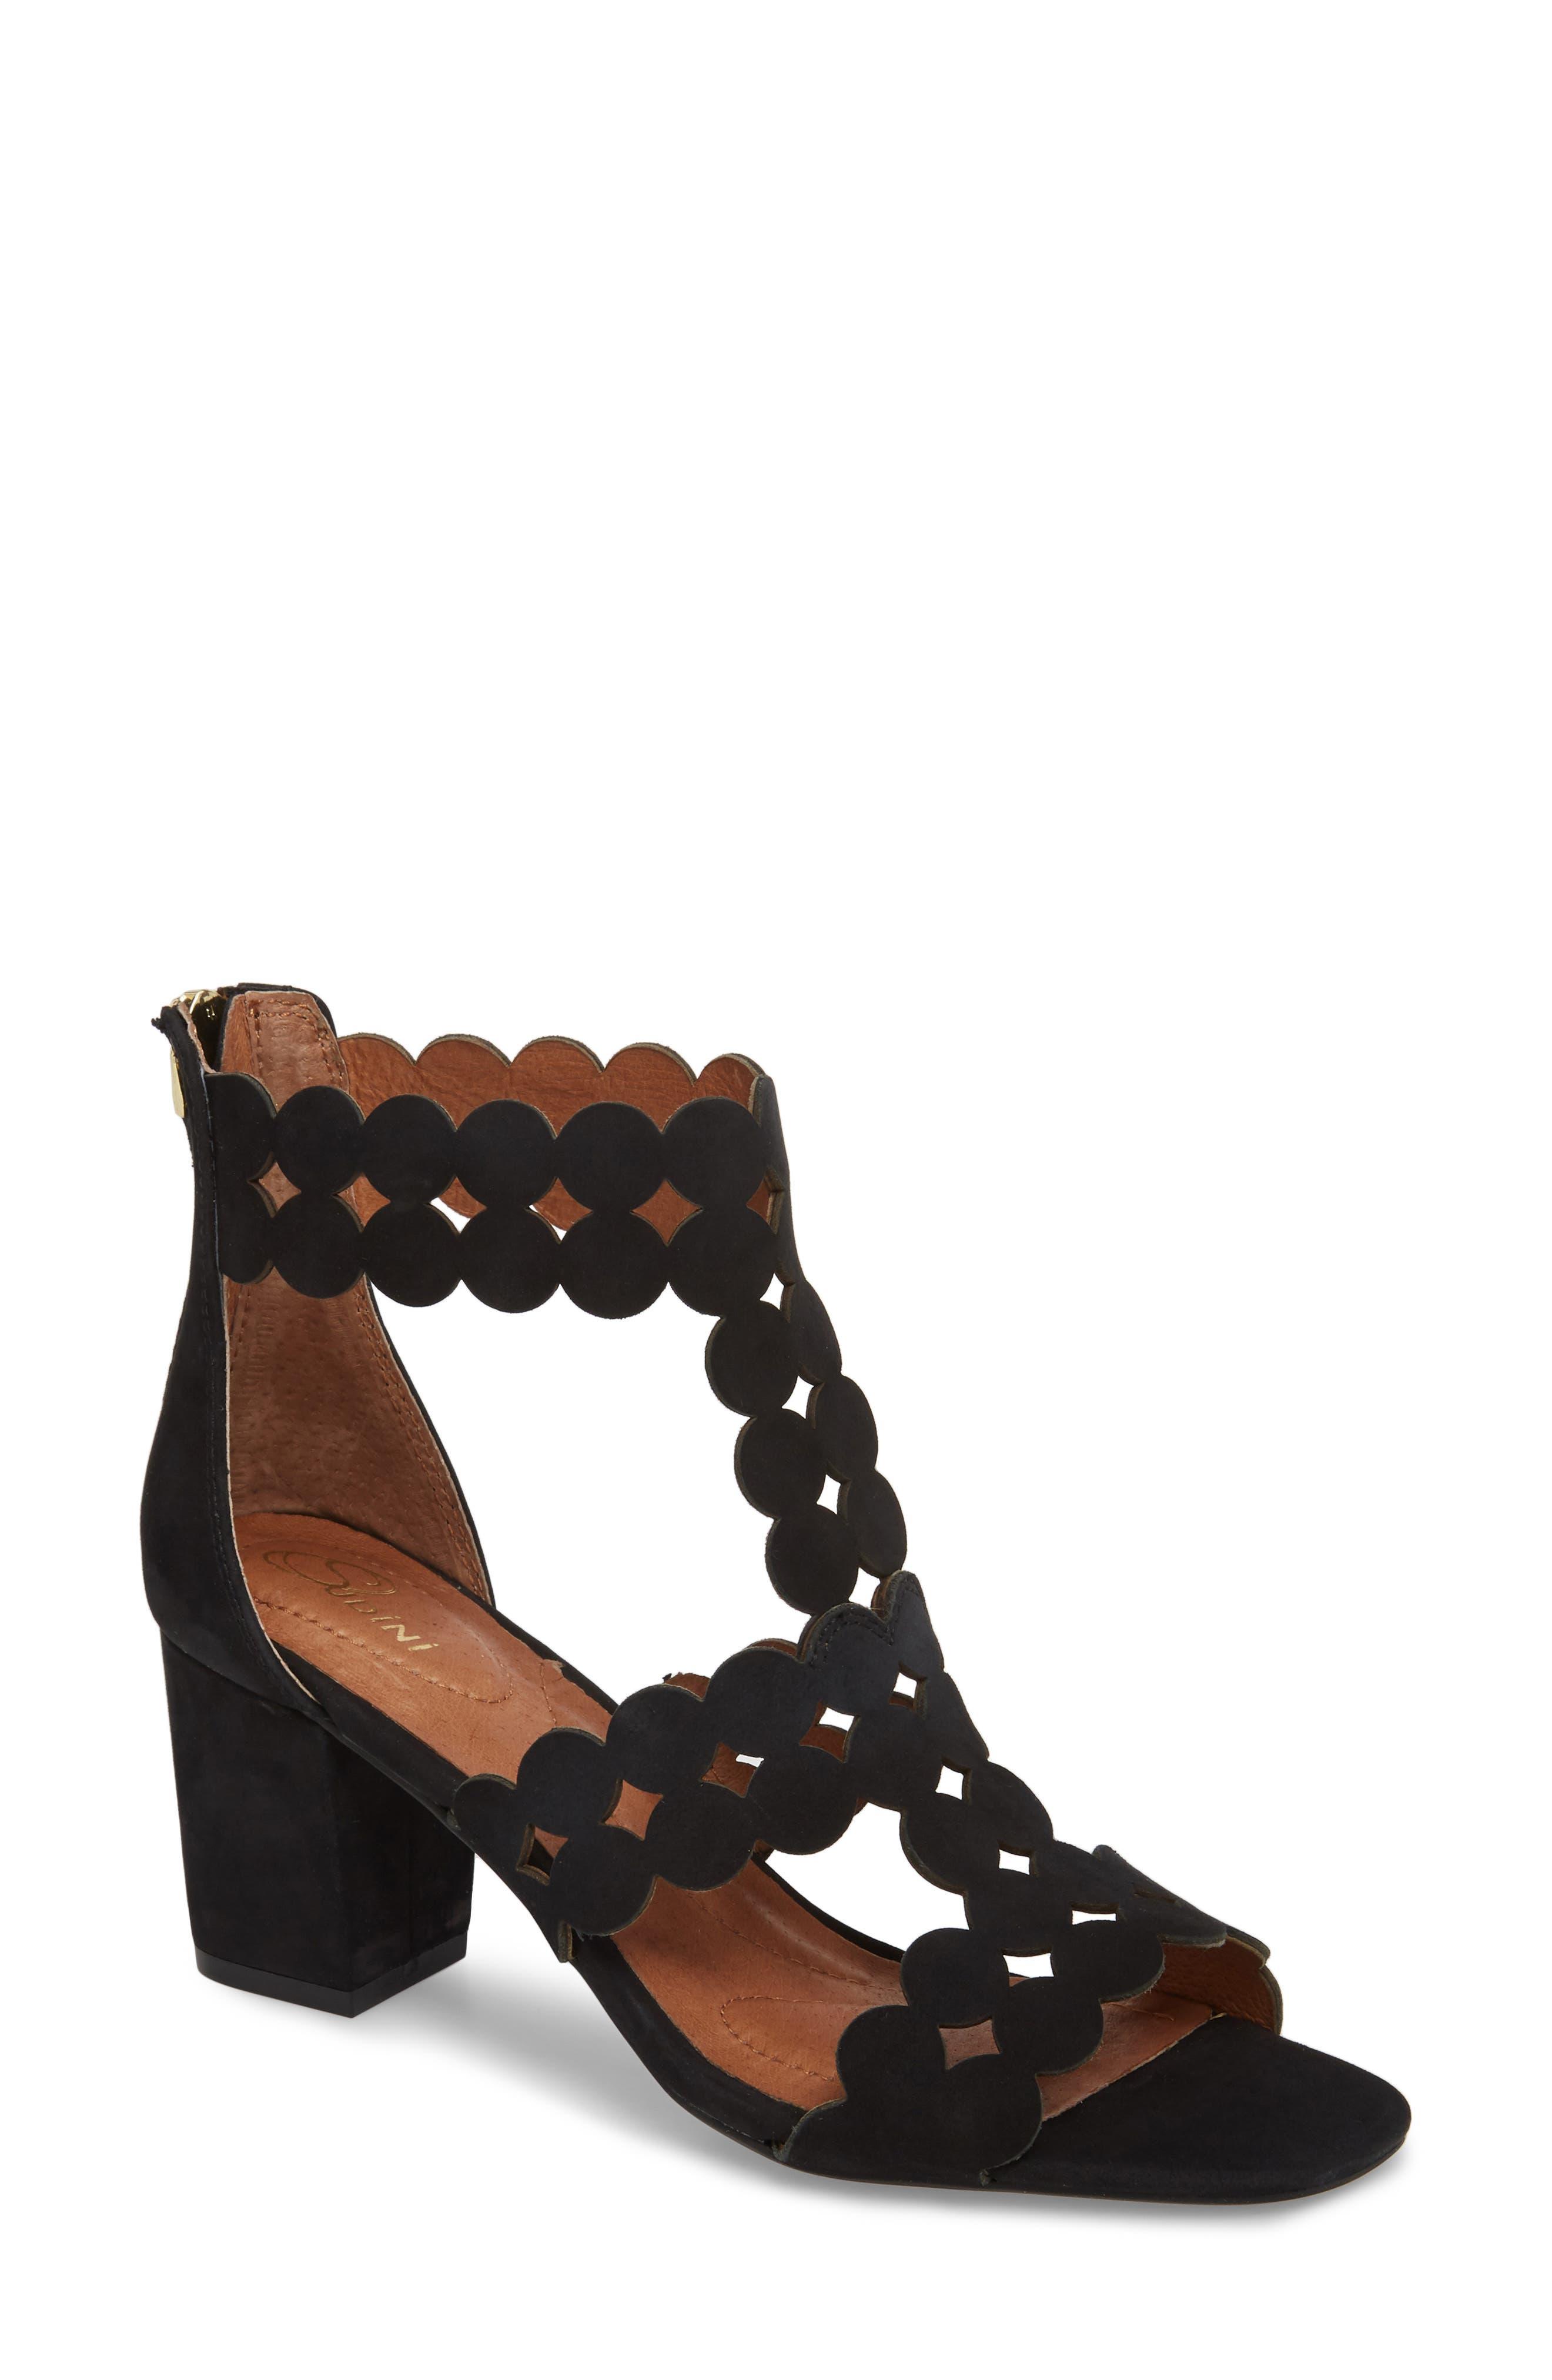 SUDINI,                             Novara Block Heel Sandal,                             Main thumbnail 1, color,                             BLACK NUBUCK LEATHER